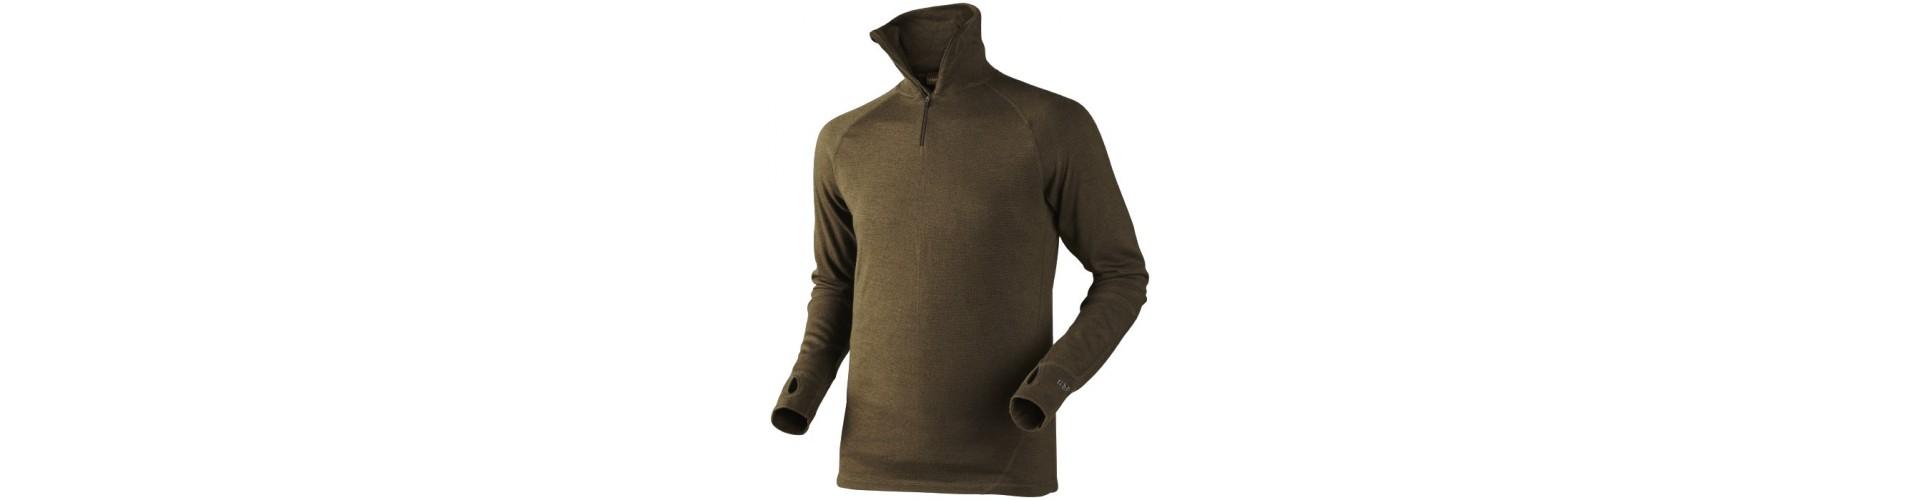 Jagtundertøj - Køb varmt undertøj til jagt bl.a. i merinould - Hurtig levering